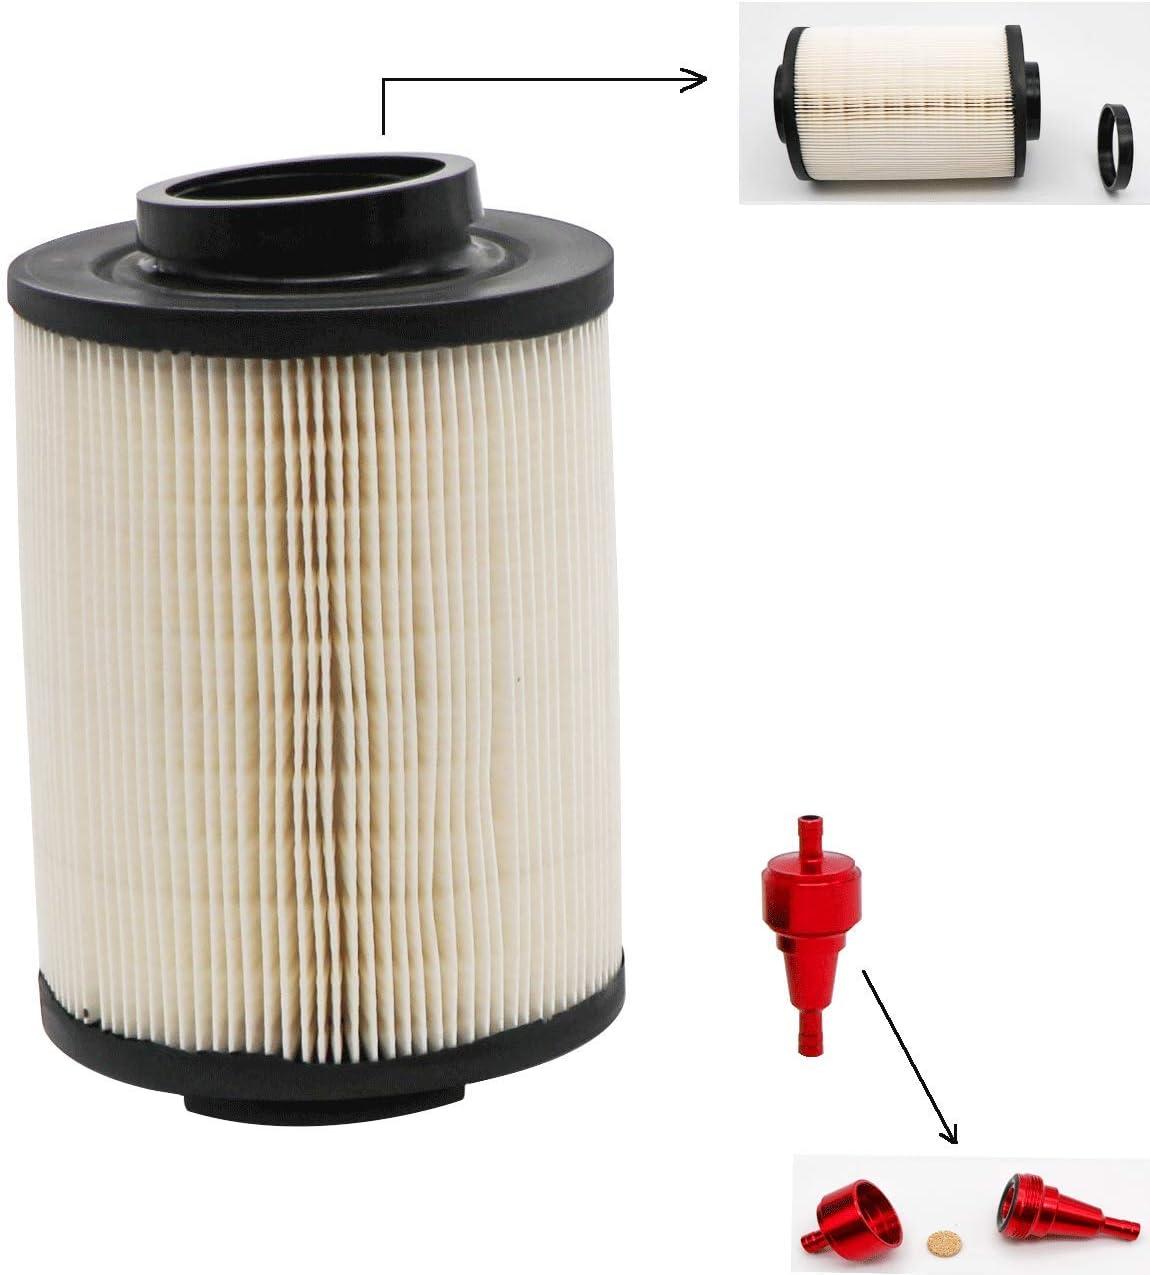 Red CNC Air Filter KIPA Air Filter For Polaris RZR 800 4X4 6X6 UTV 2008-2014 Crew /& XP 800 2009-2016 Replace OEM 1240482